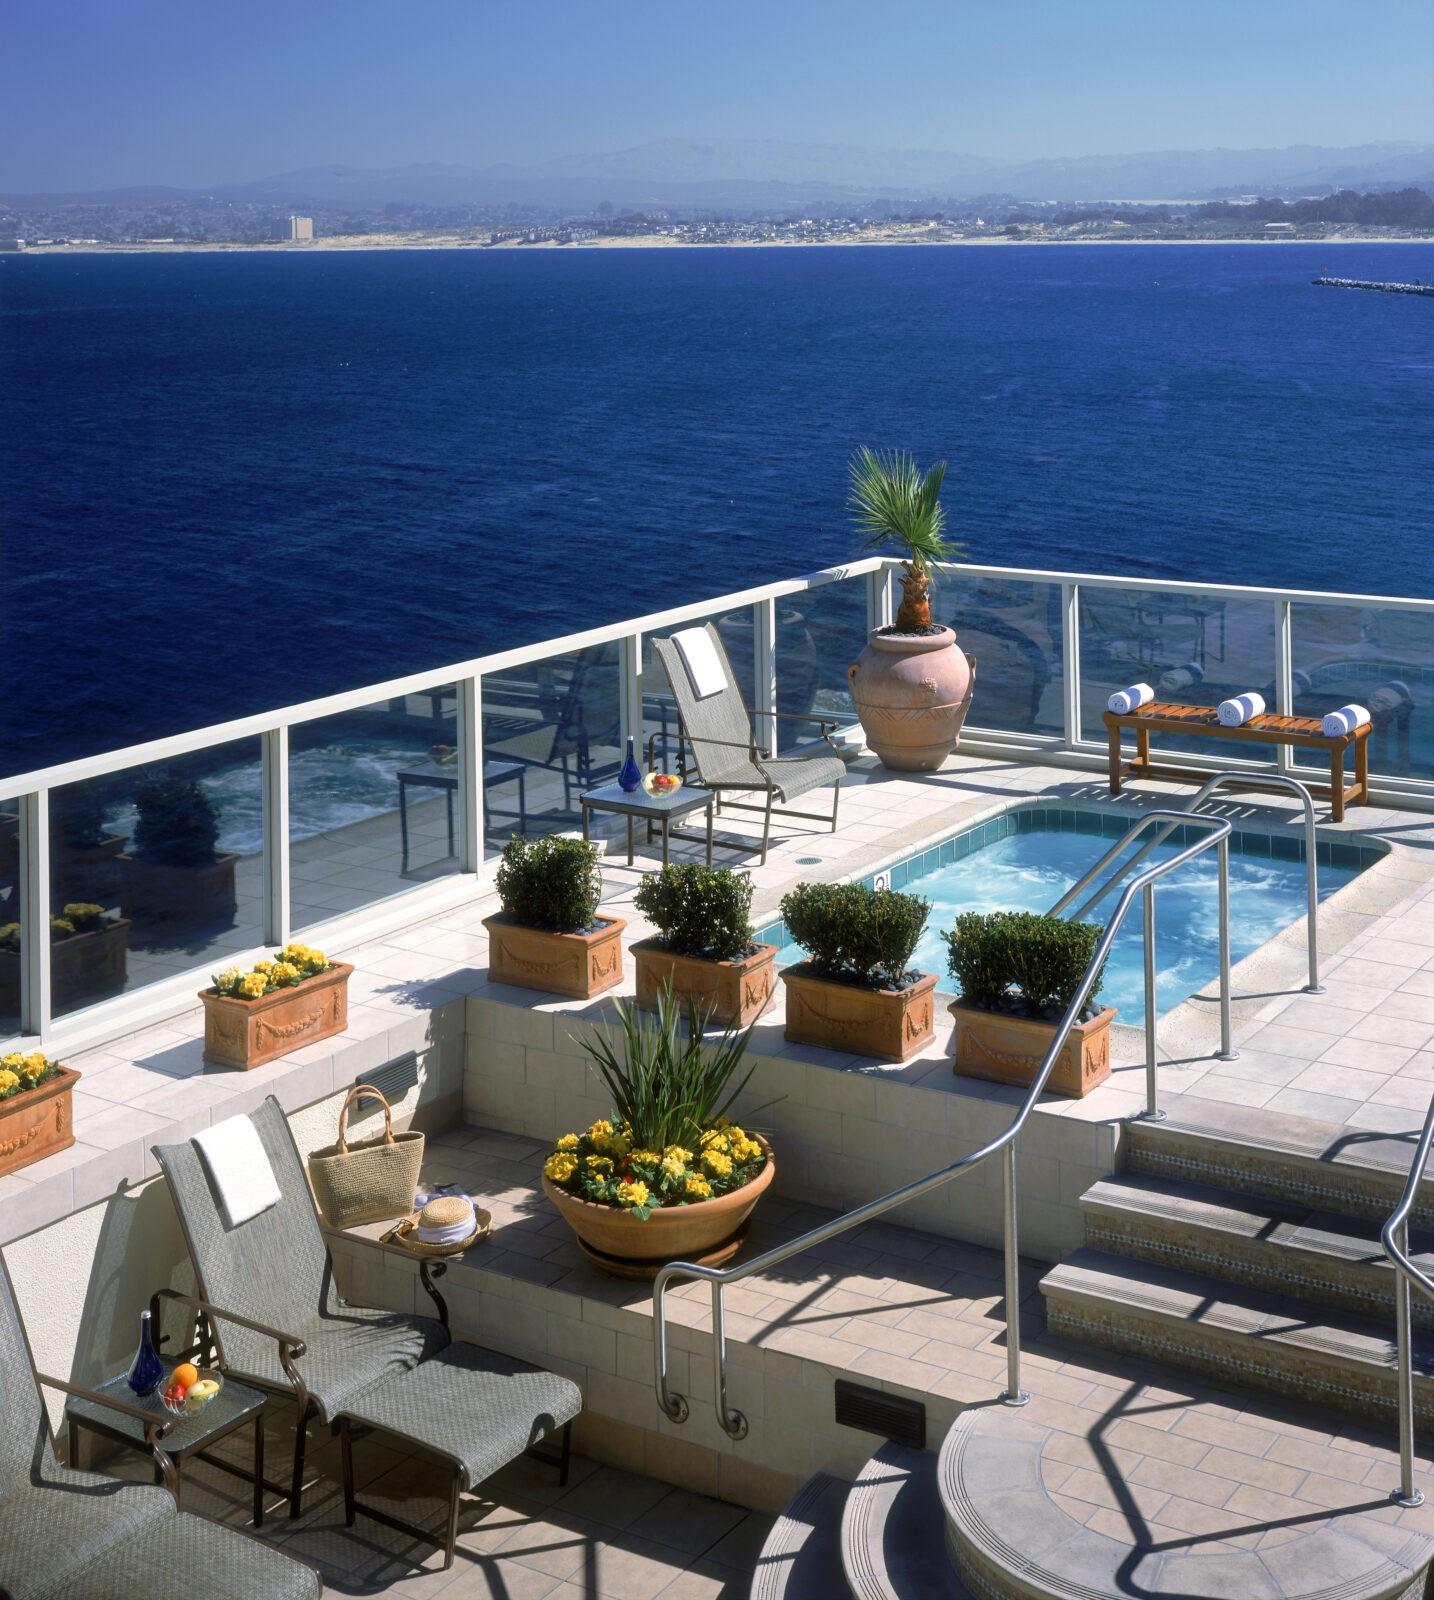 Monterey Plaza Hotel & Spa Deck